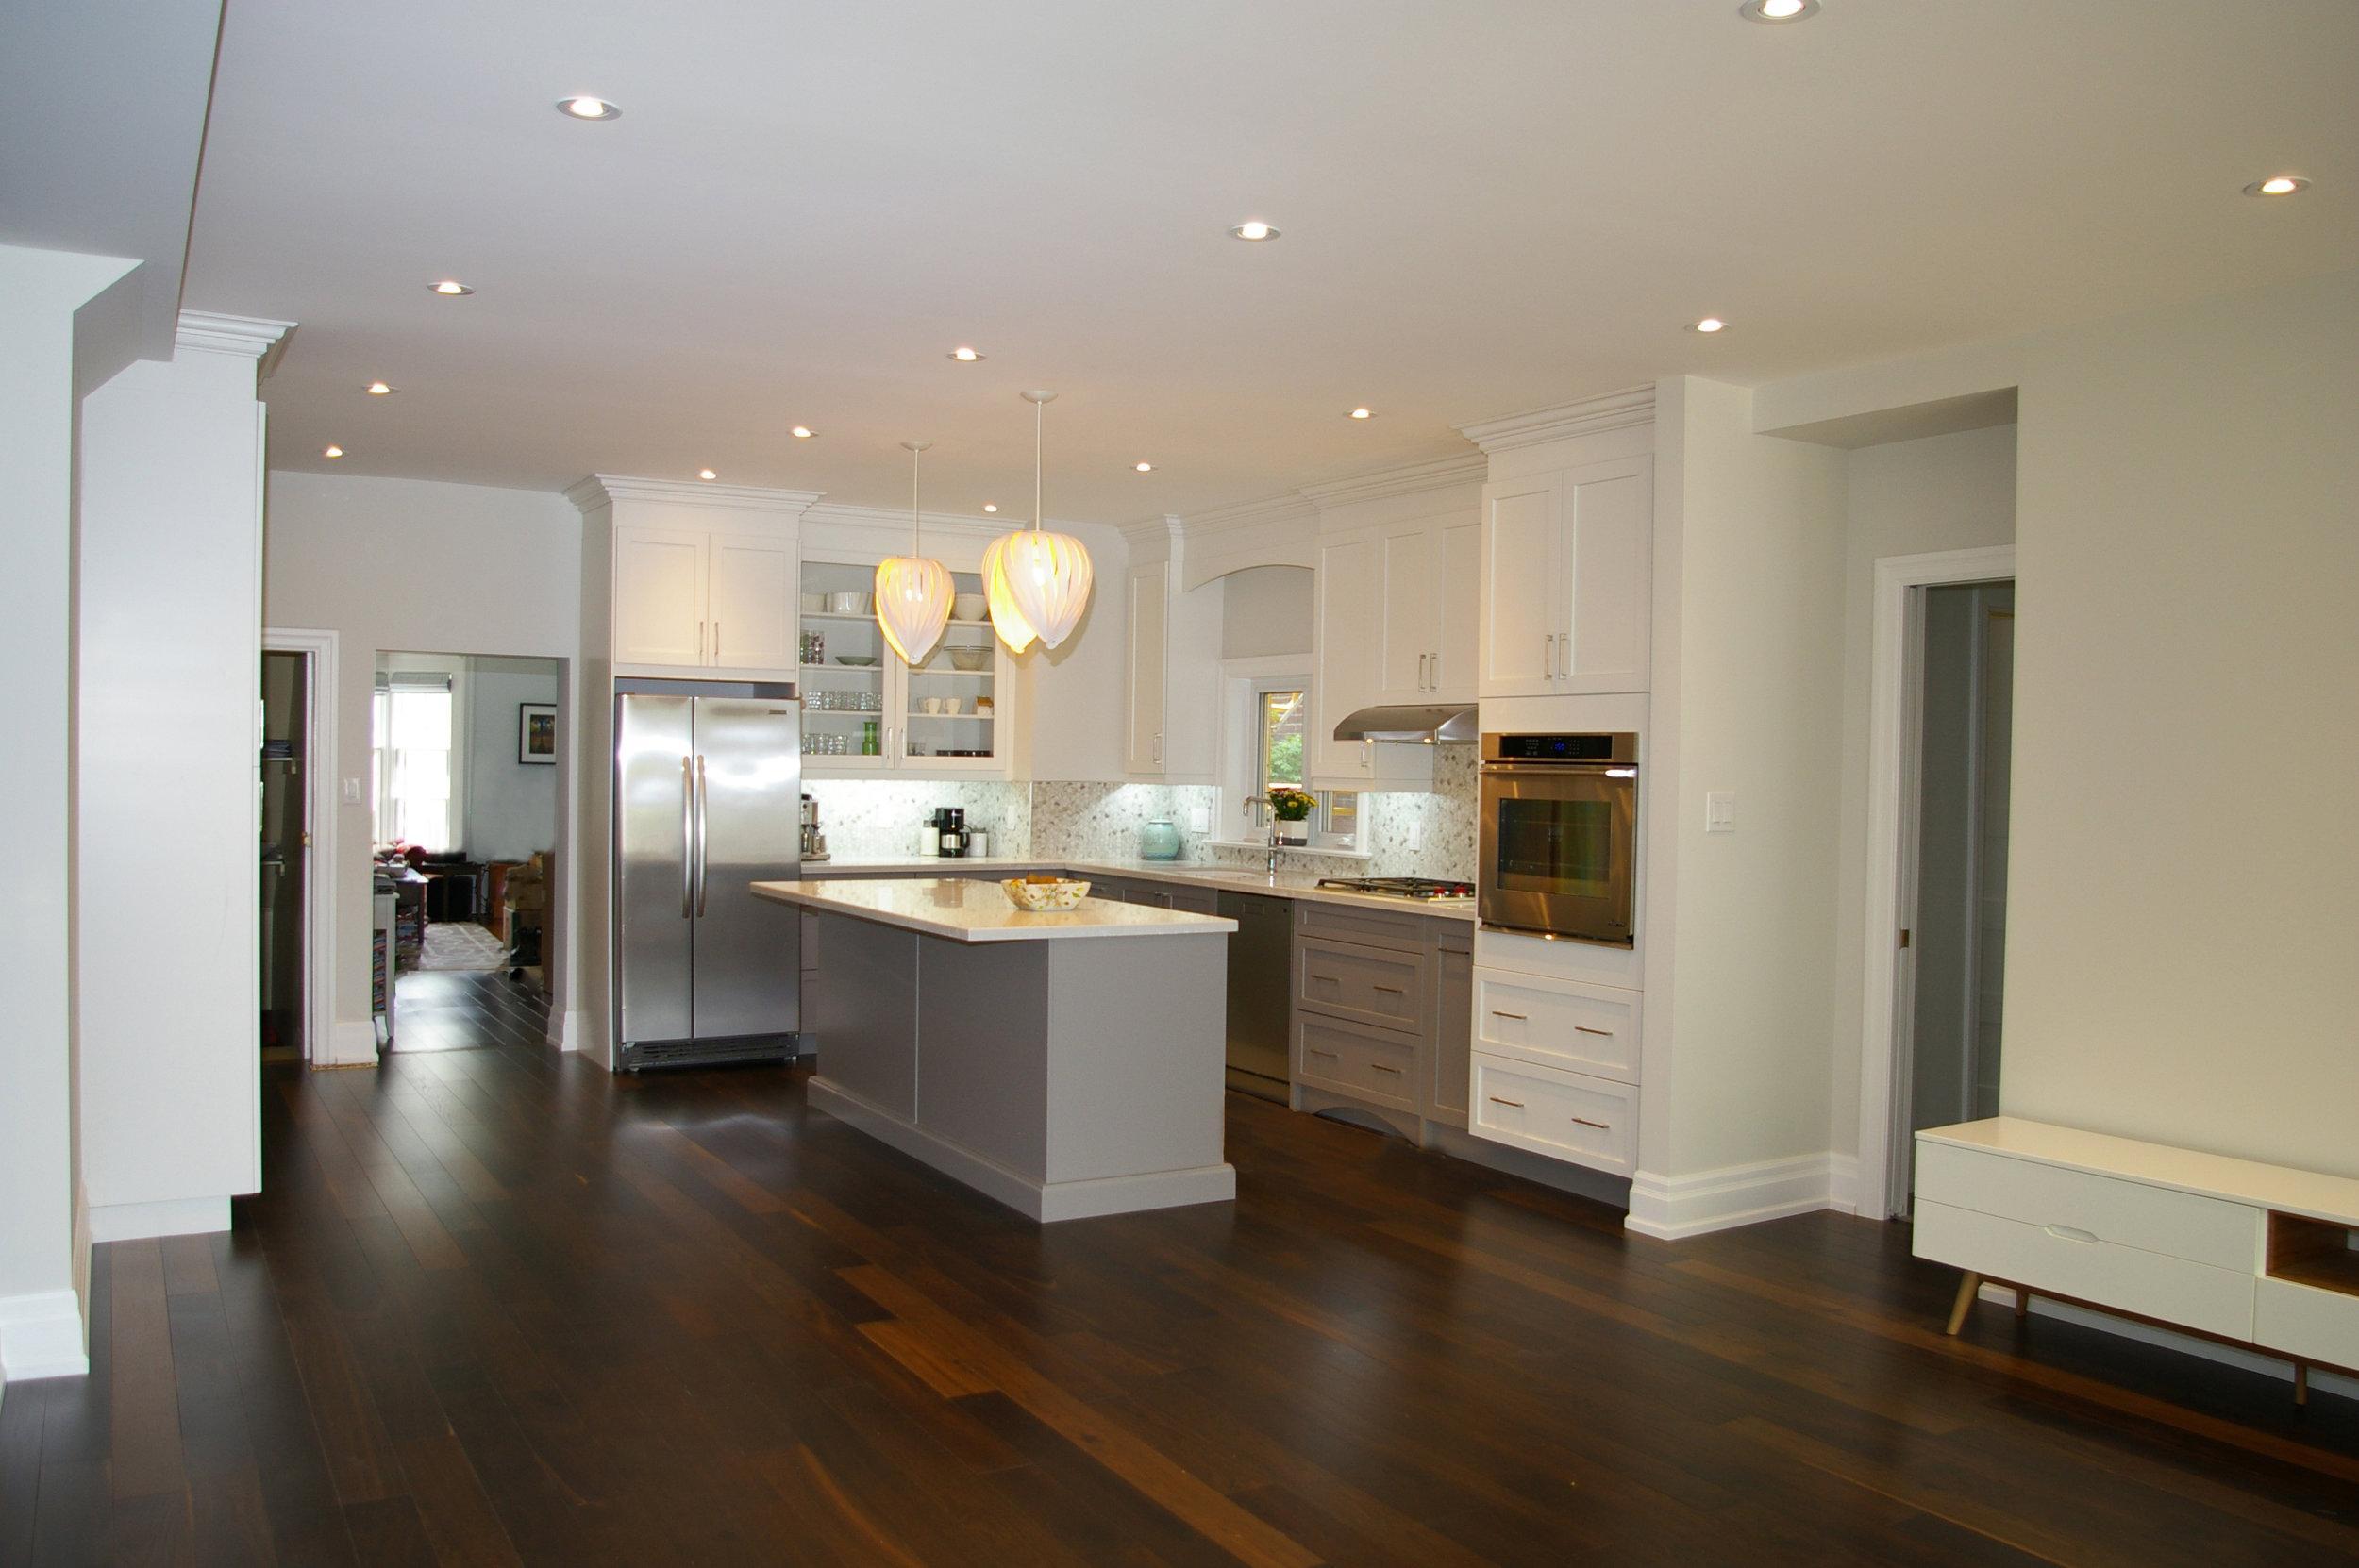 3 Kitchen.jpg